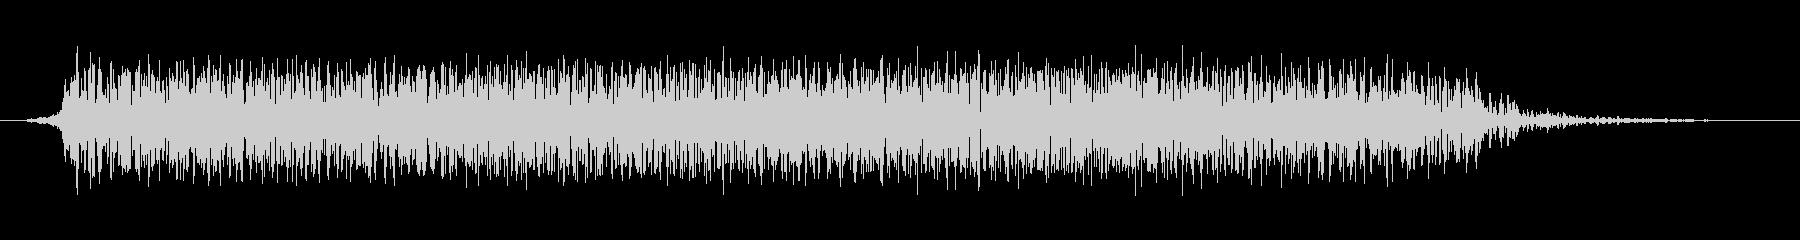 モンスター 悲鳴 52の未再生の波形